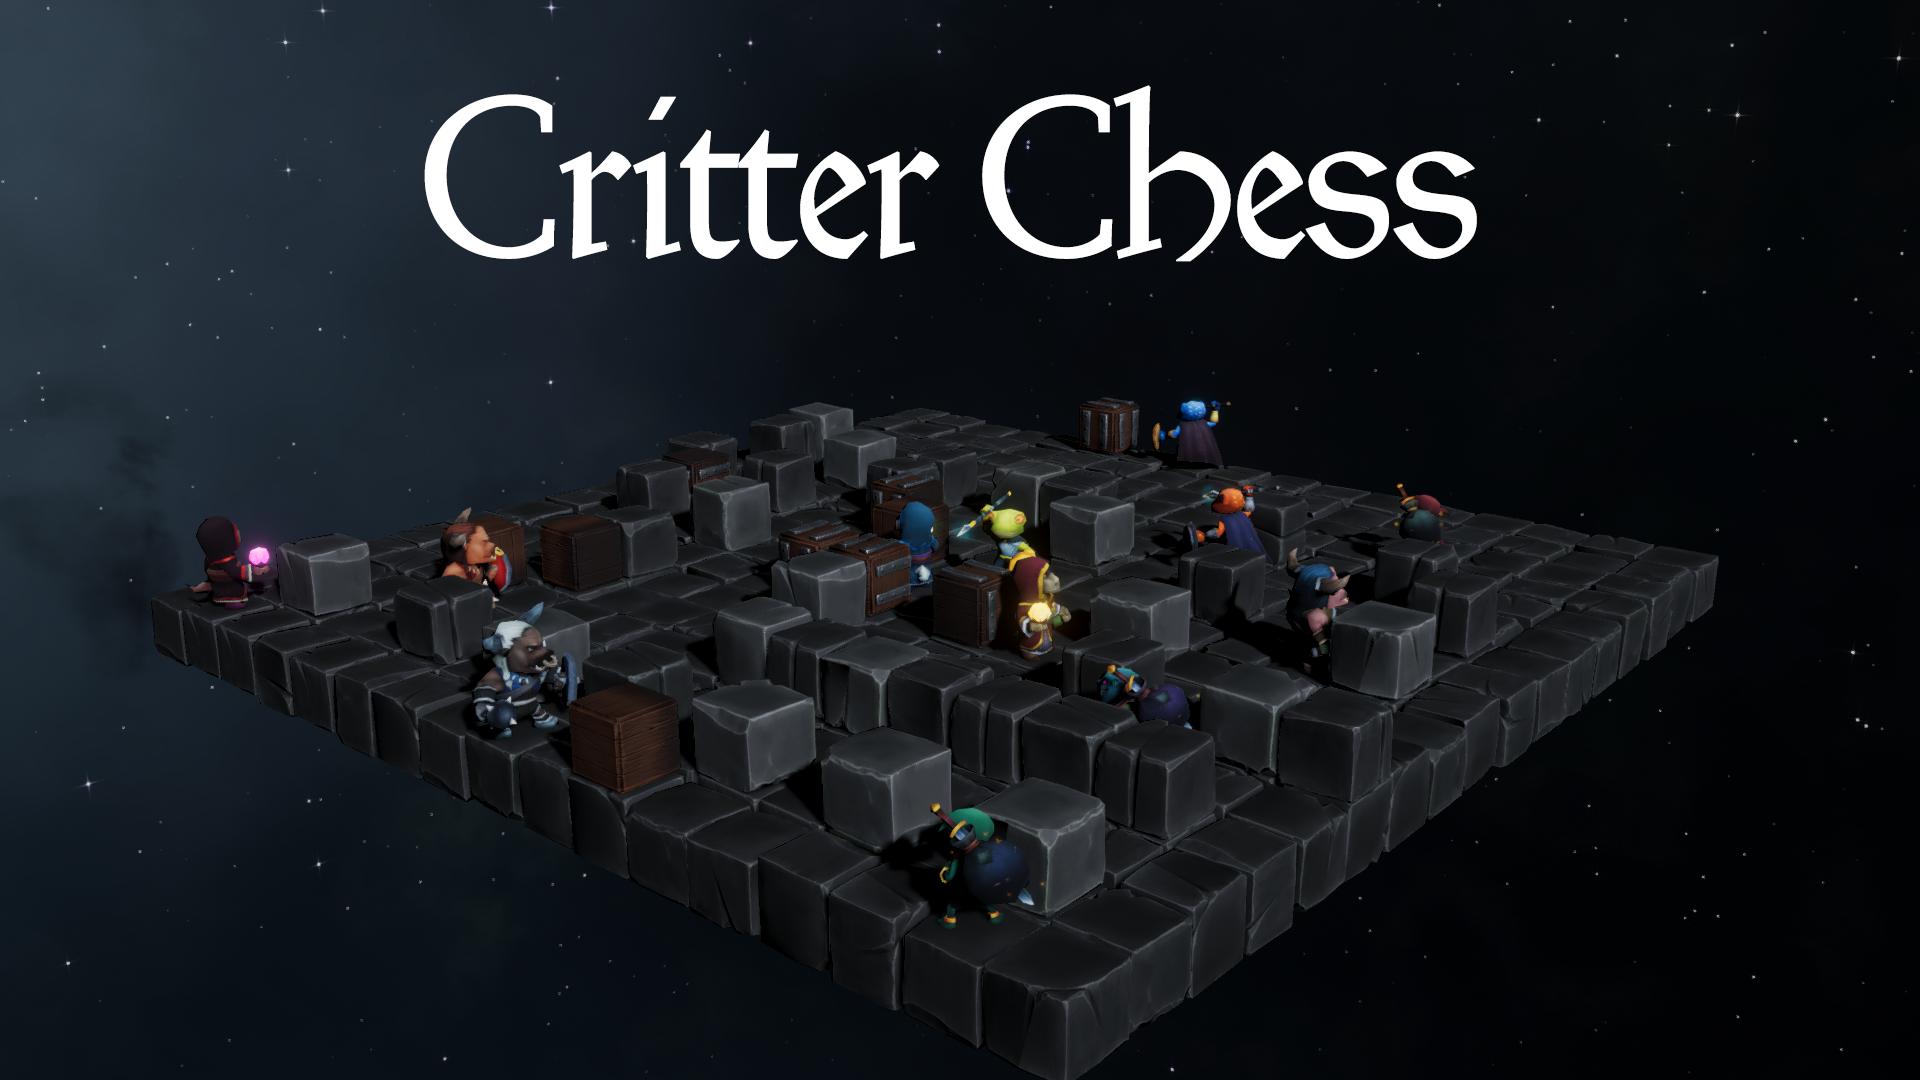 Critter Chess